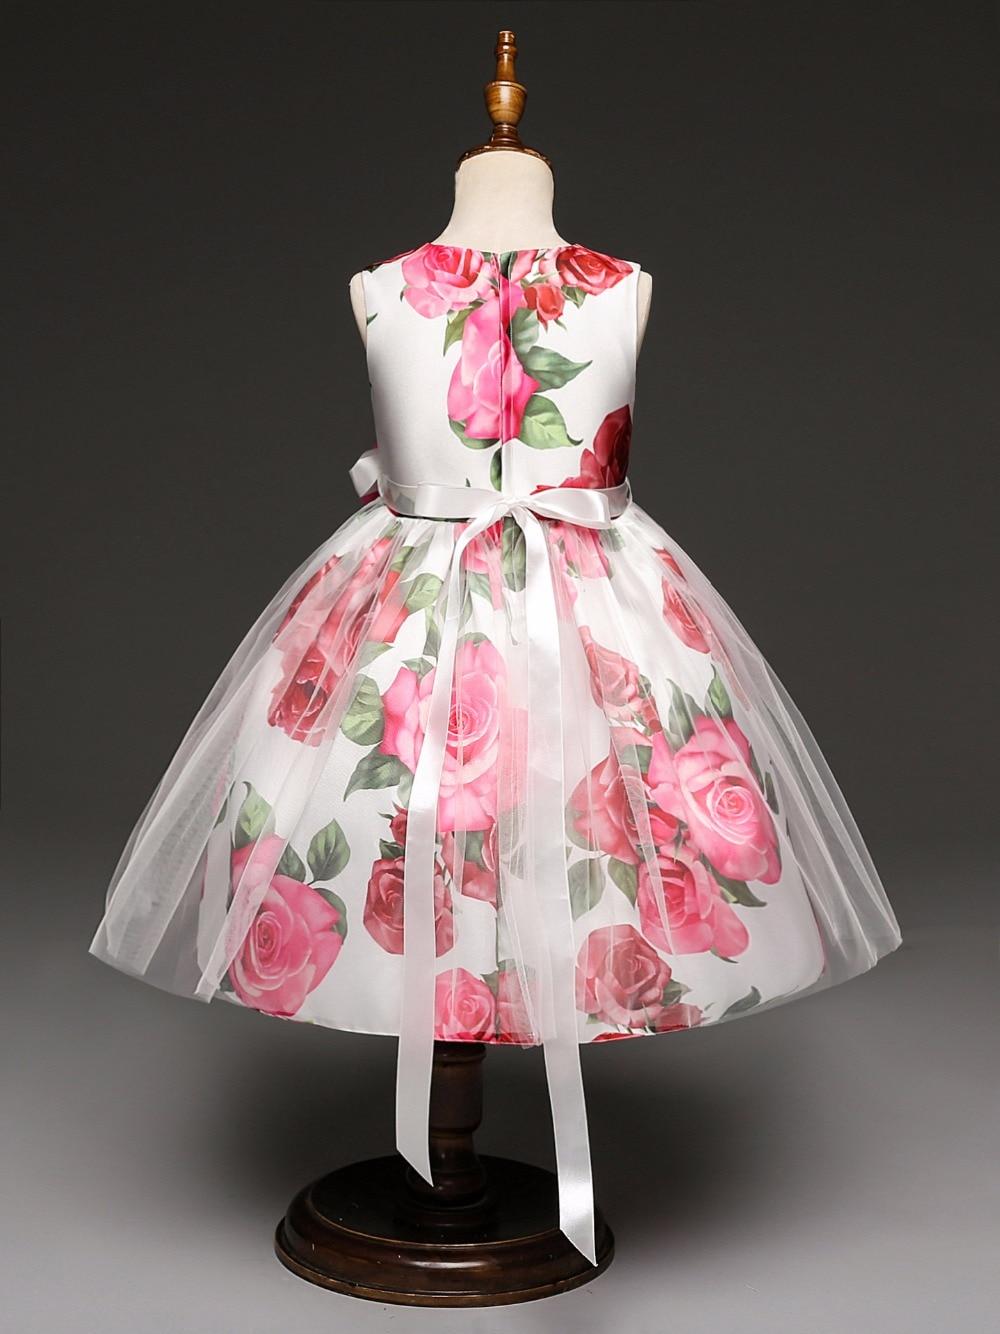 Encantador Vestidos De Dama Florales Molde - Ideas de Estilos de ...